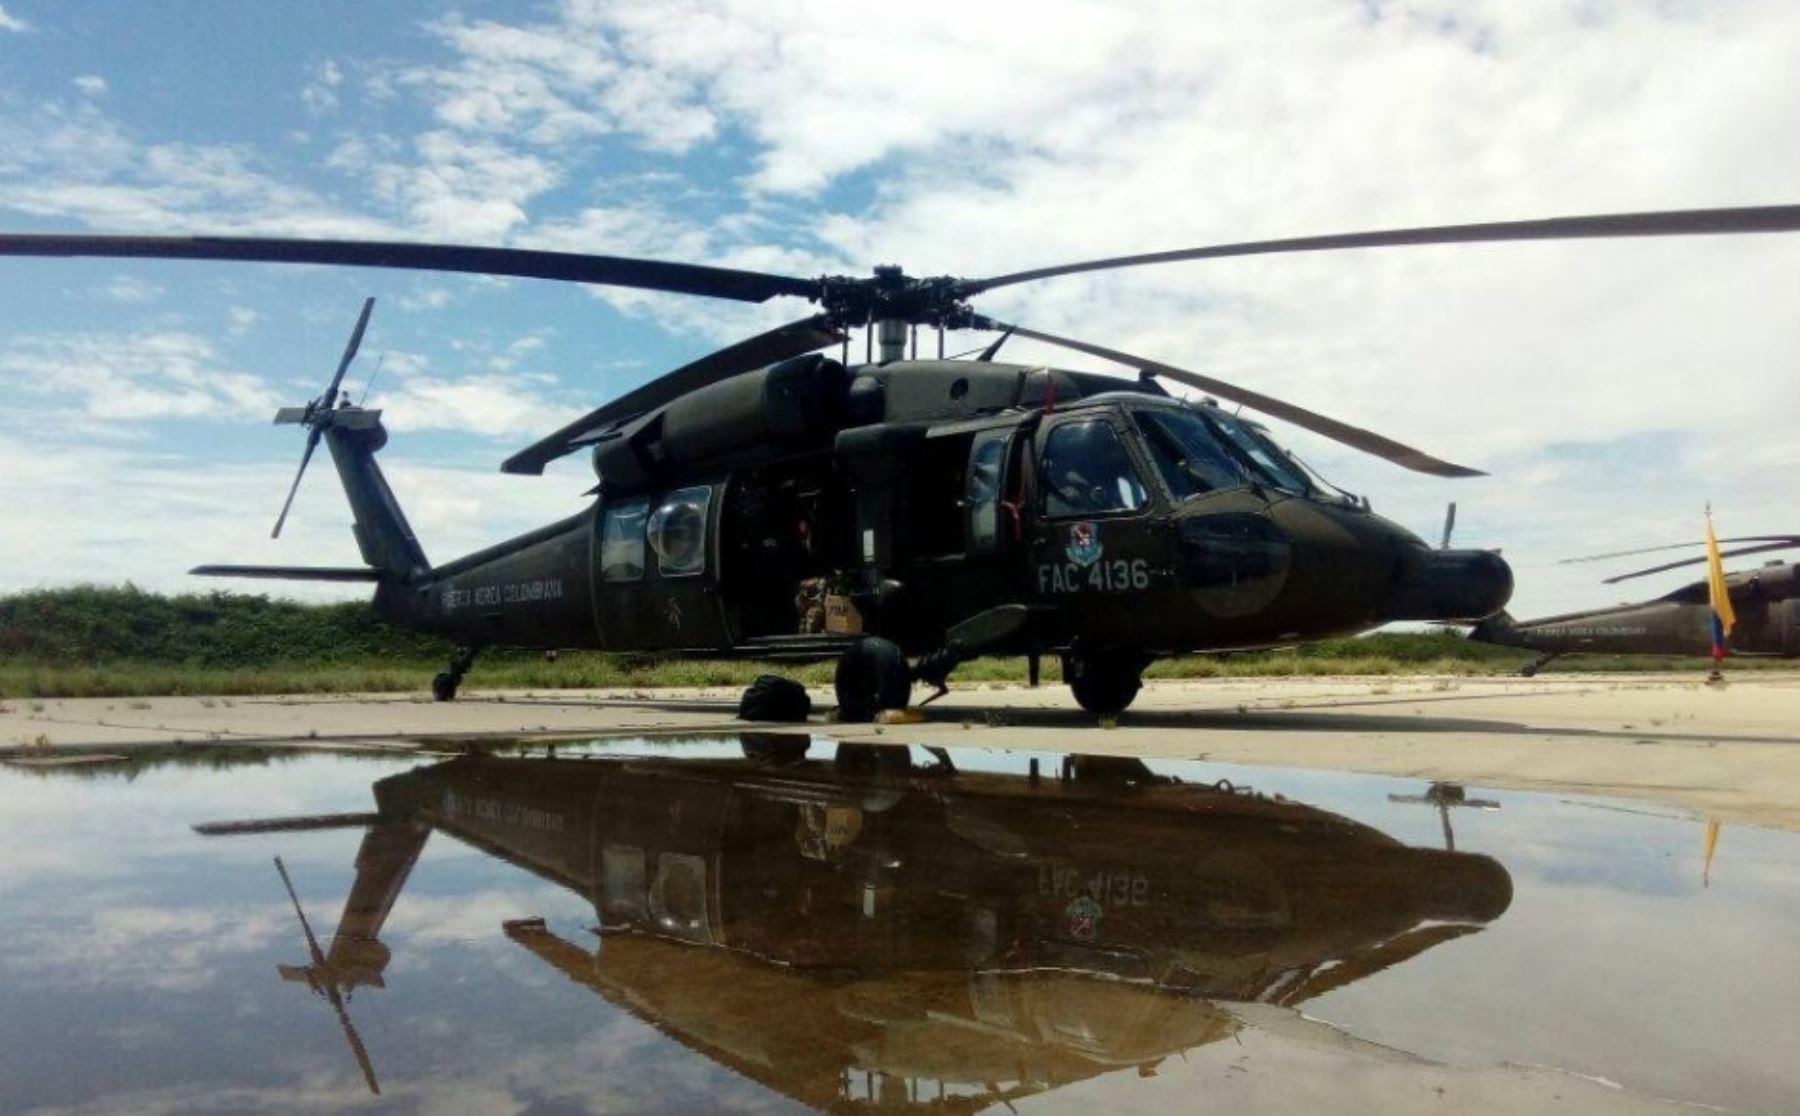 Helicóptero de la Fuerza Aérea Colombiana que ayudará en traslado de personas afectadas por lluvias